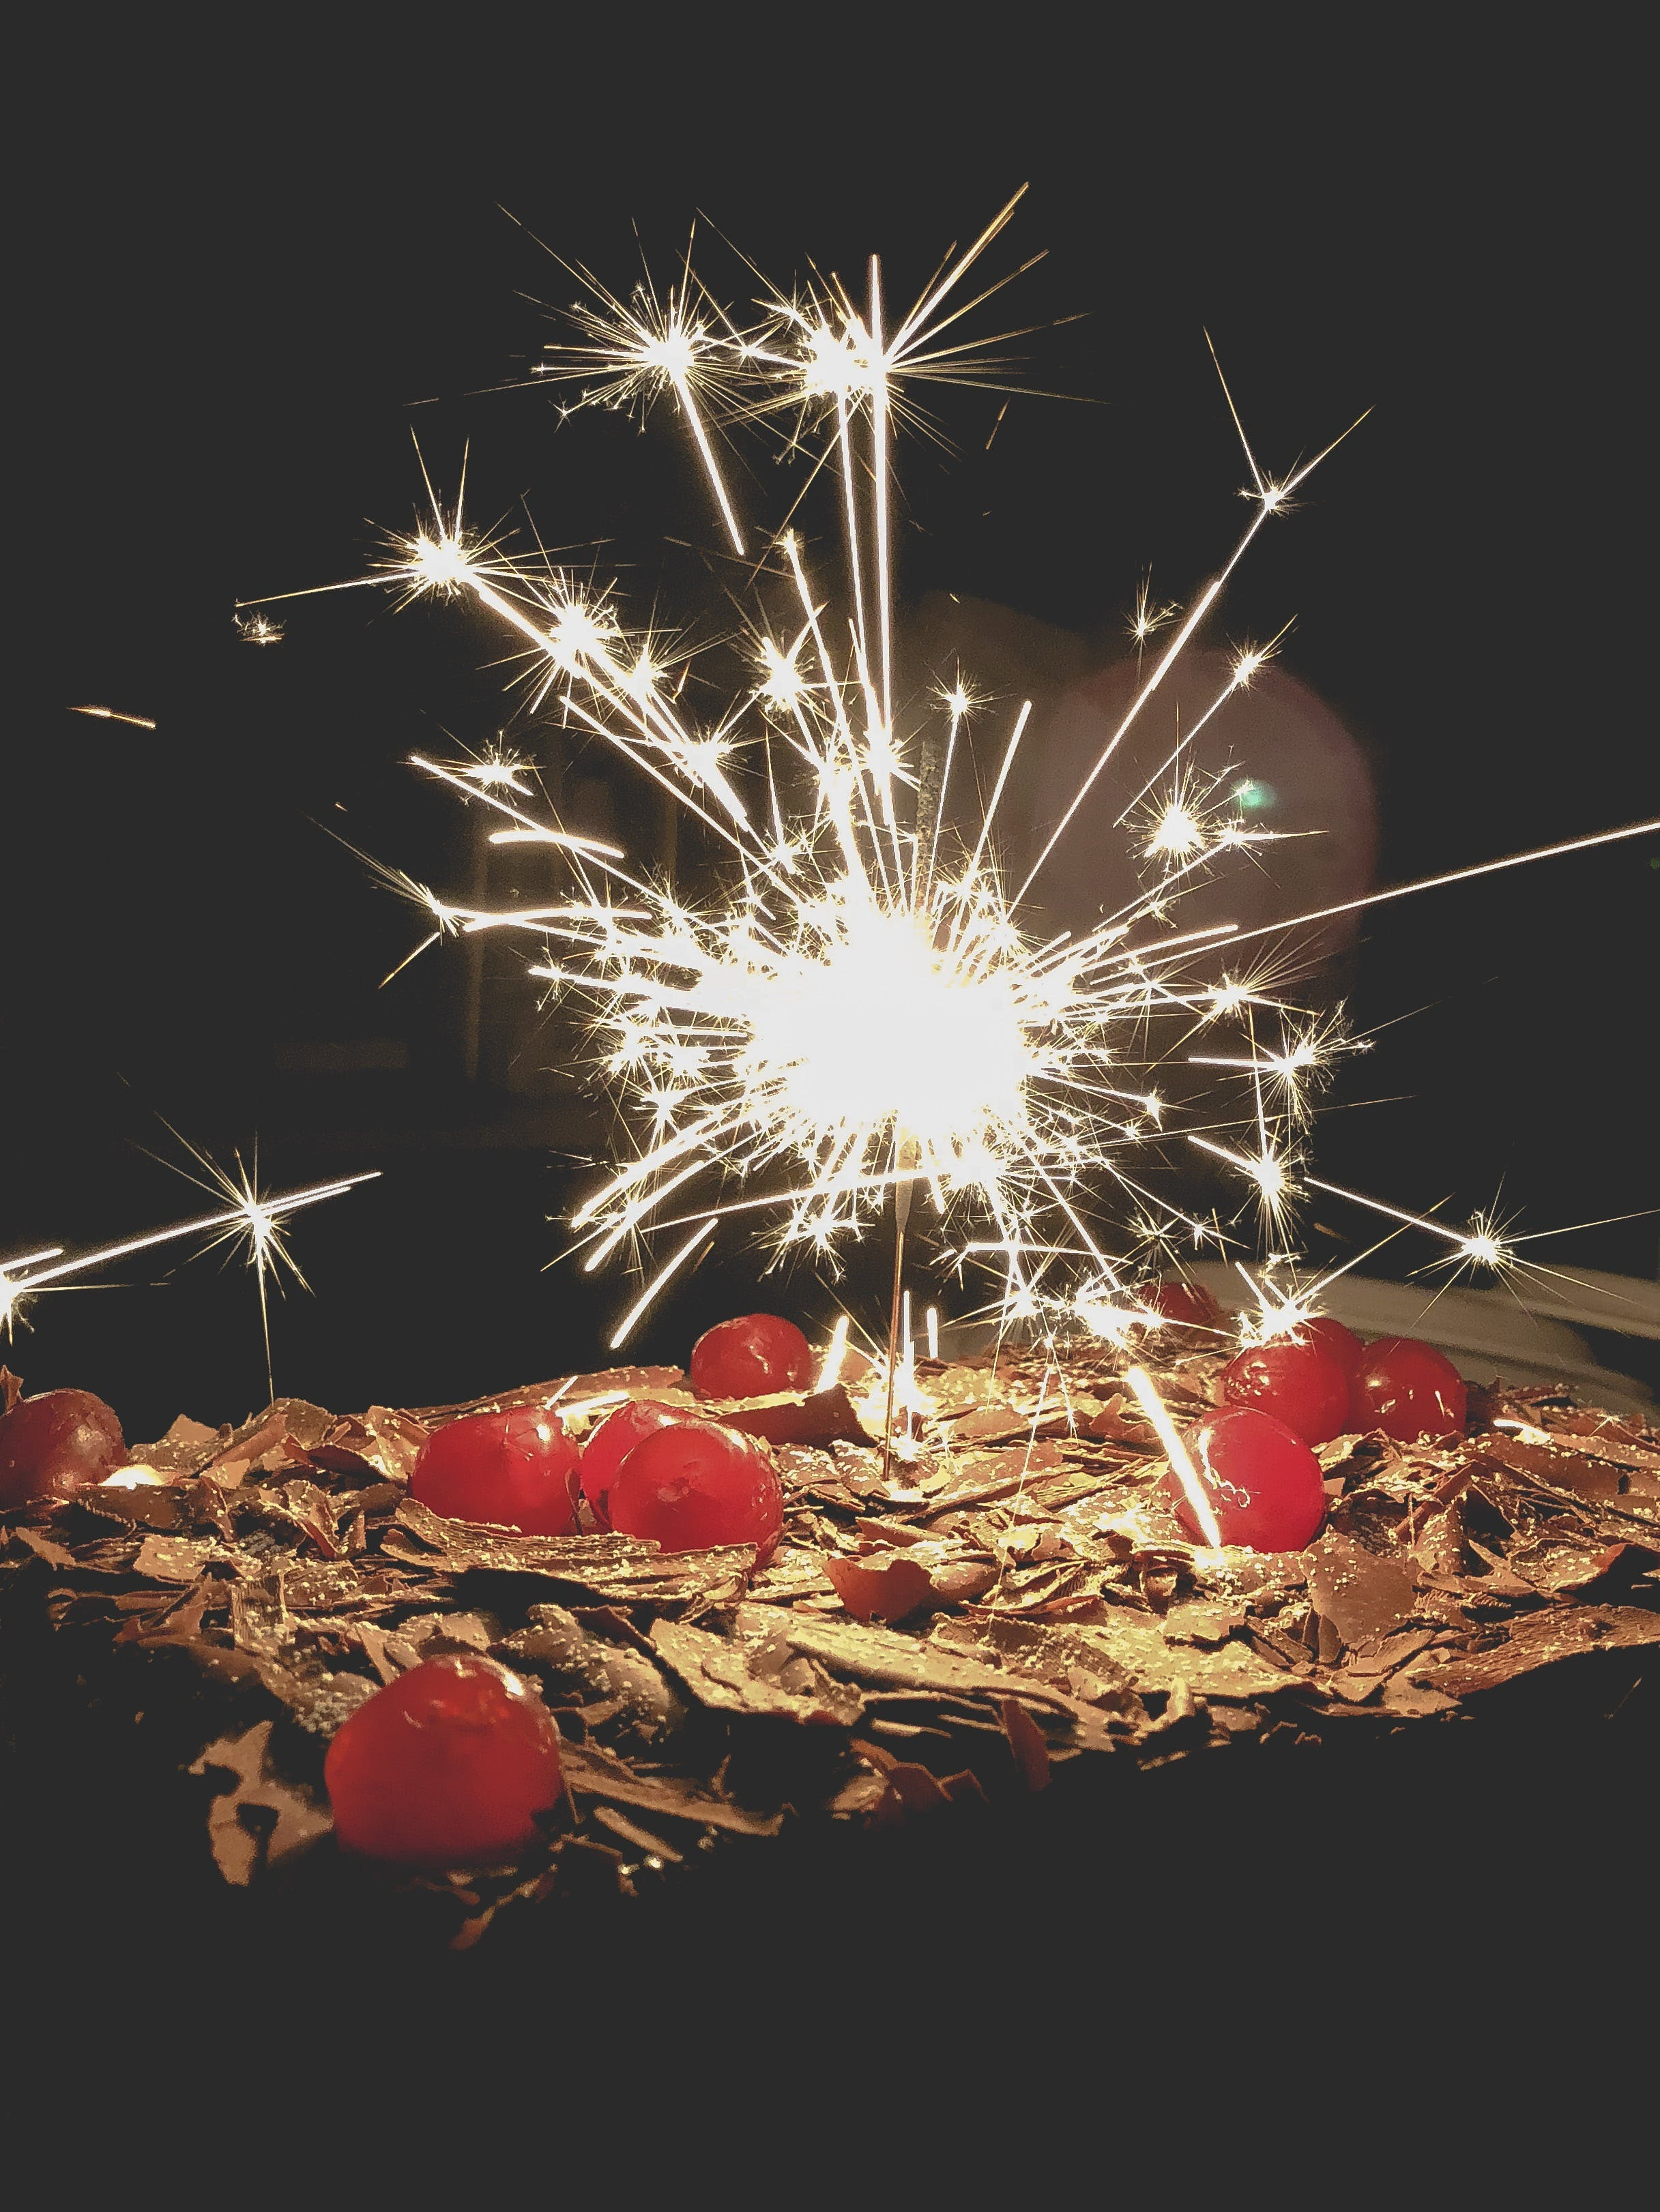 Free stock photo of Bolo, bolo de aniversário, cereja, cereja doce